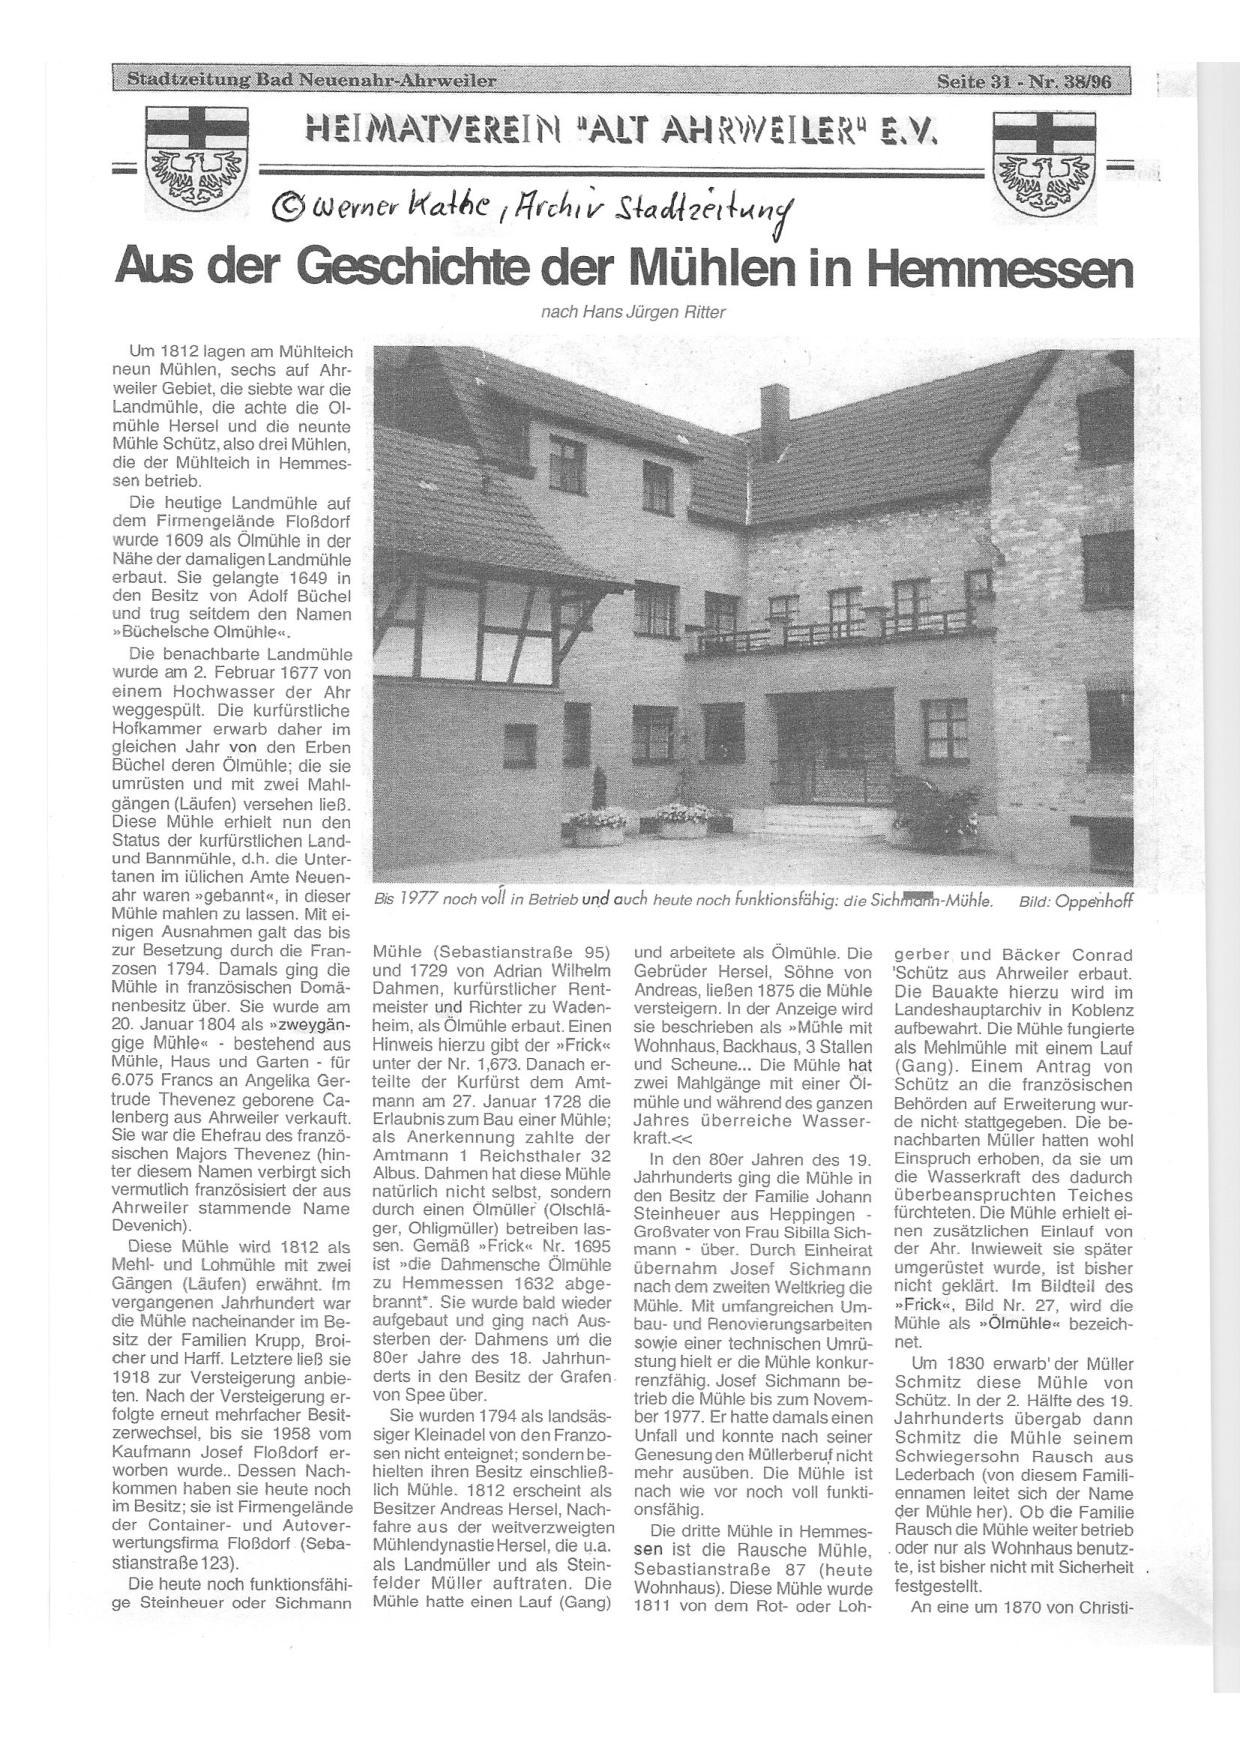 Im Anhang noch ein schöner Artikel der Stadtzeitung von 1996, freundlicherweise bereitgestellt von Werner Kathe